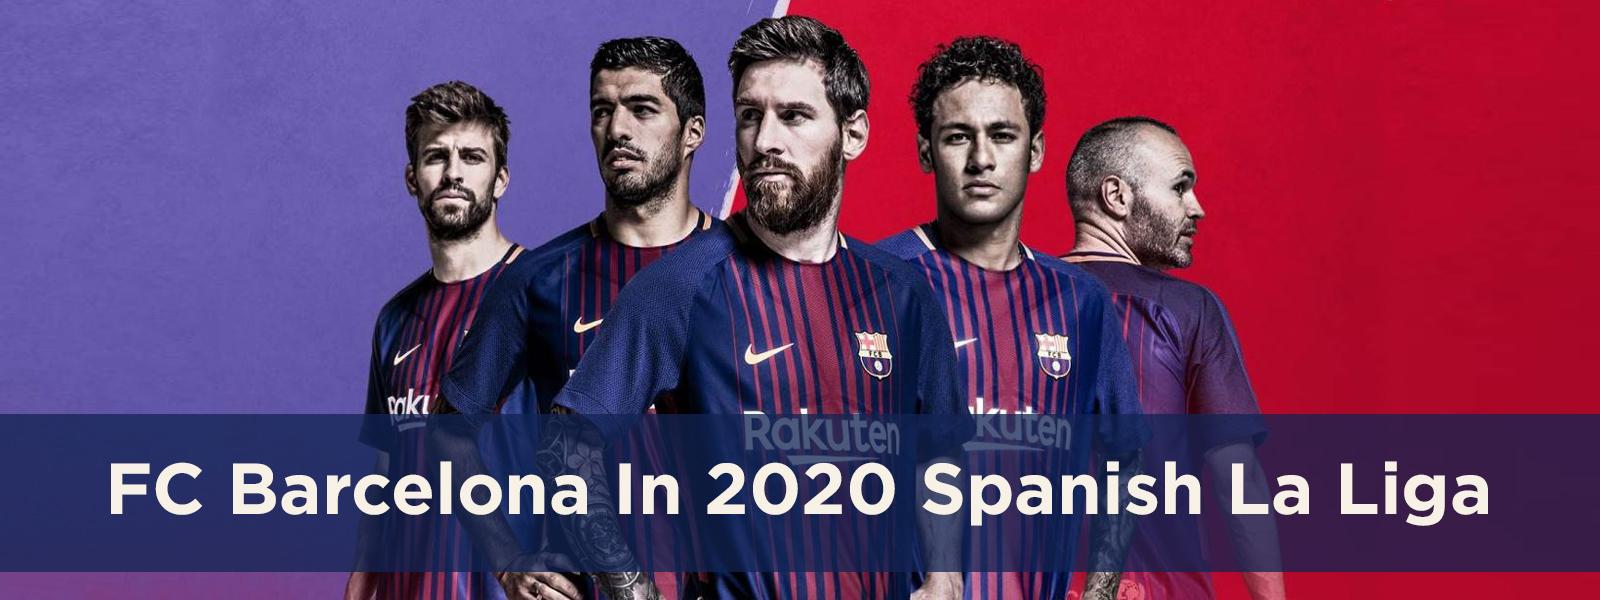 Reviewing Barcelona FC In 2020 Spanish La Liga